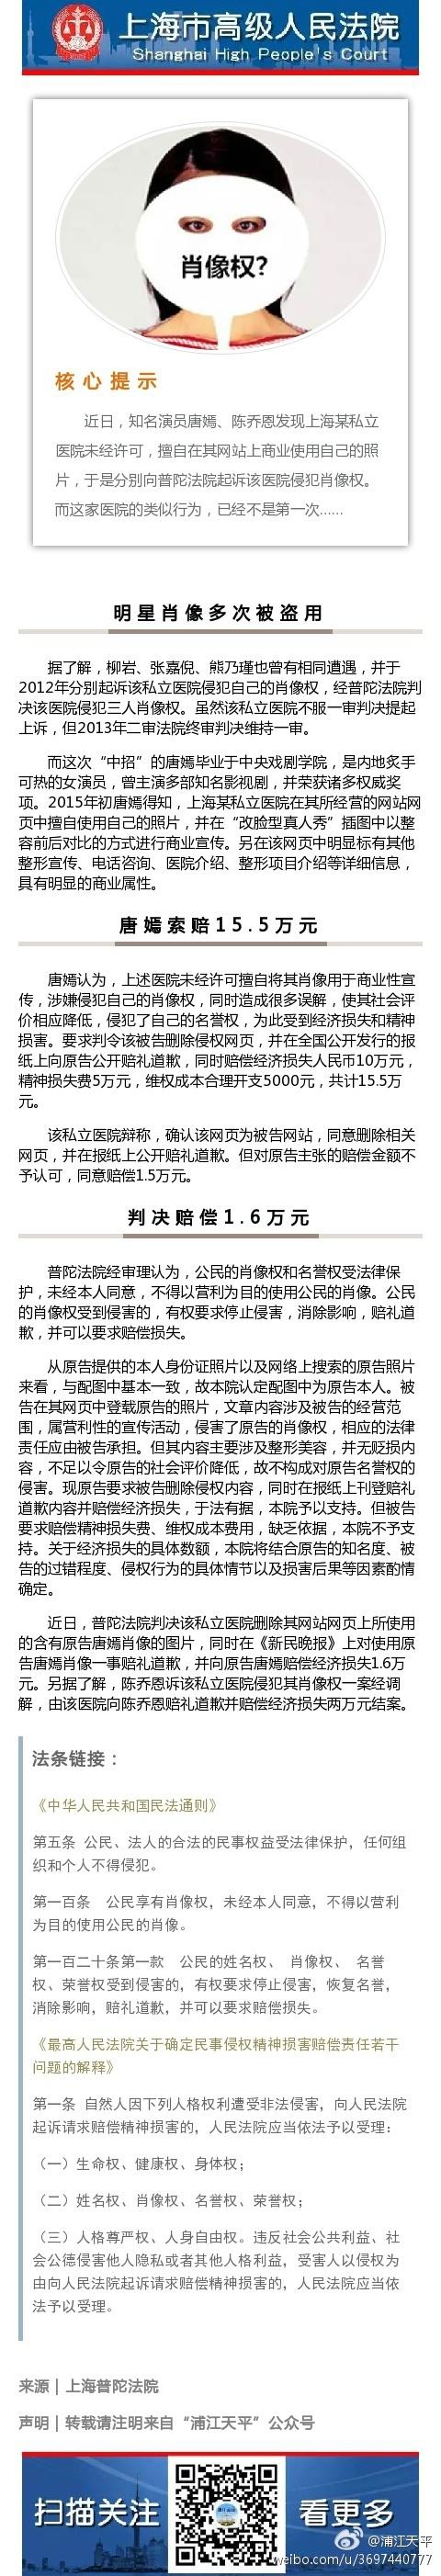 上海市高级人民法院官微通报信息